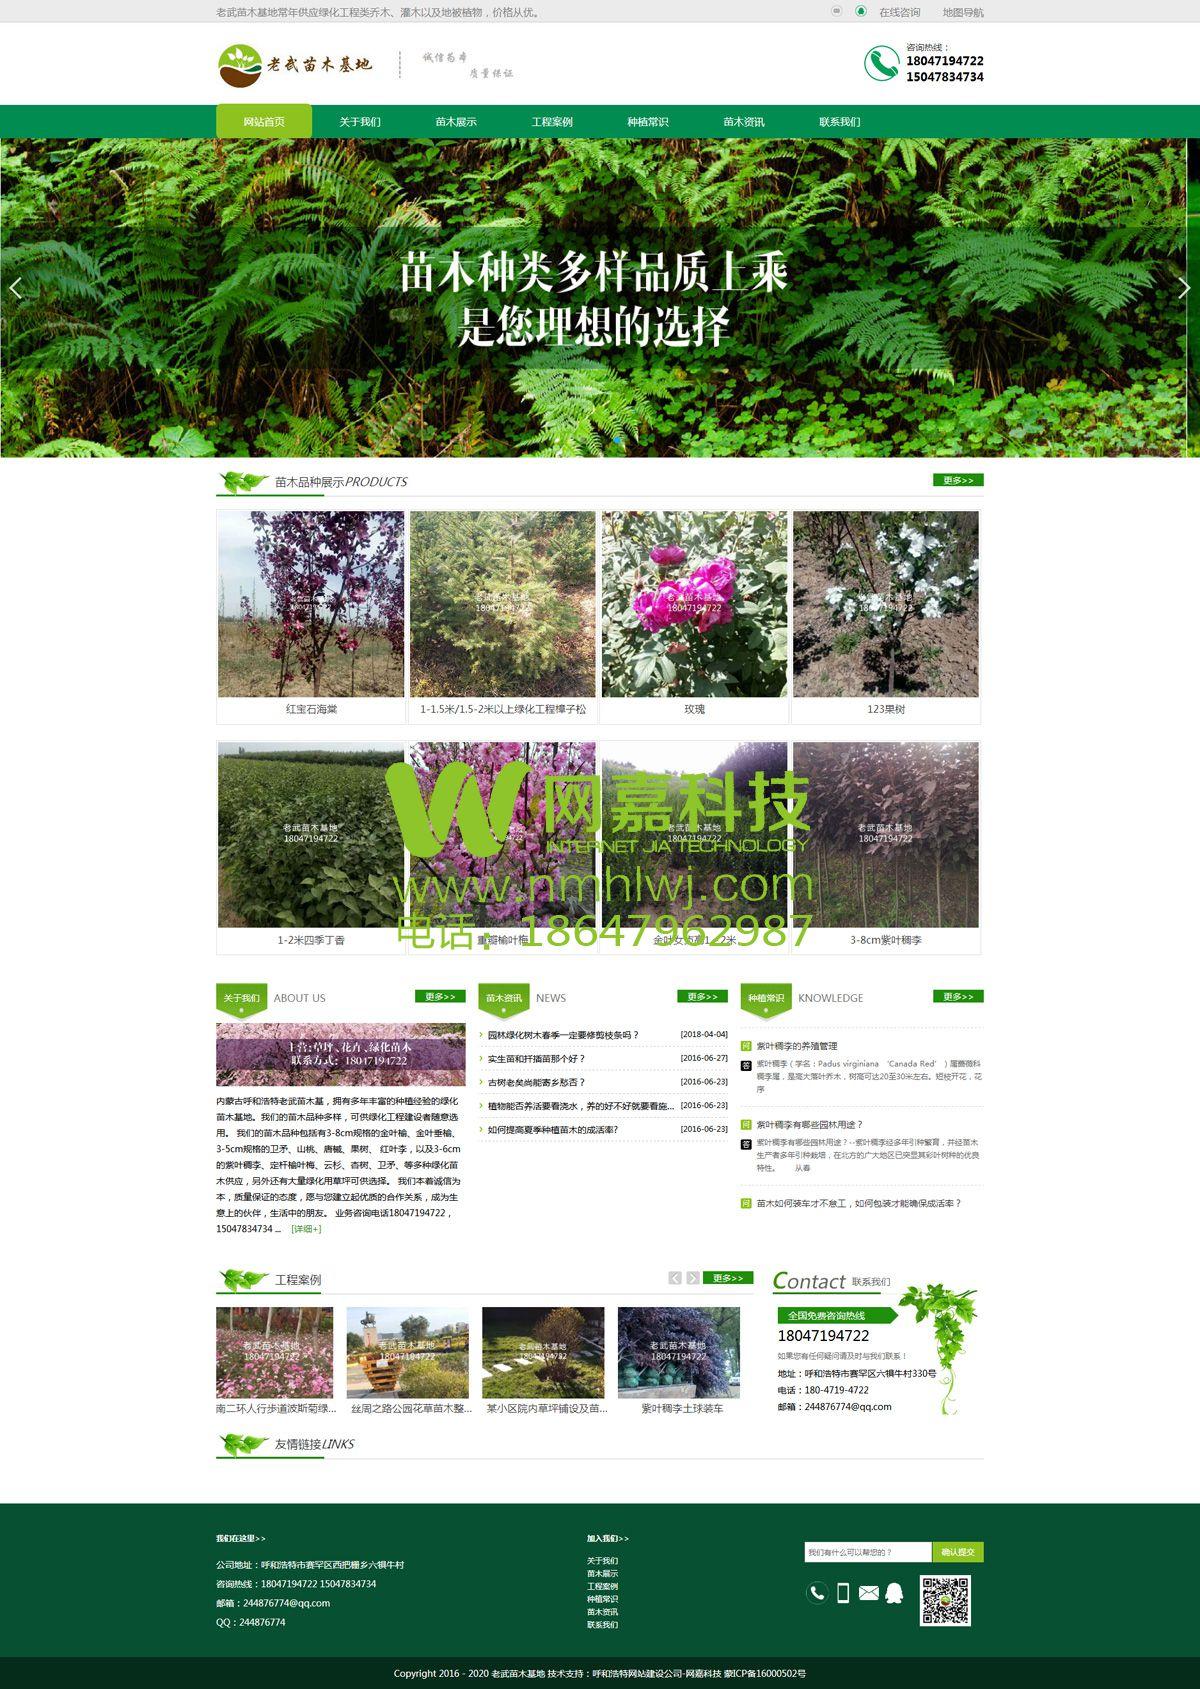 呼和浩特绿化苗木网站建设